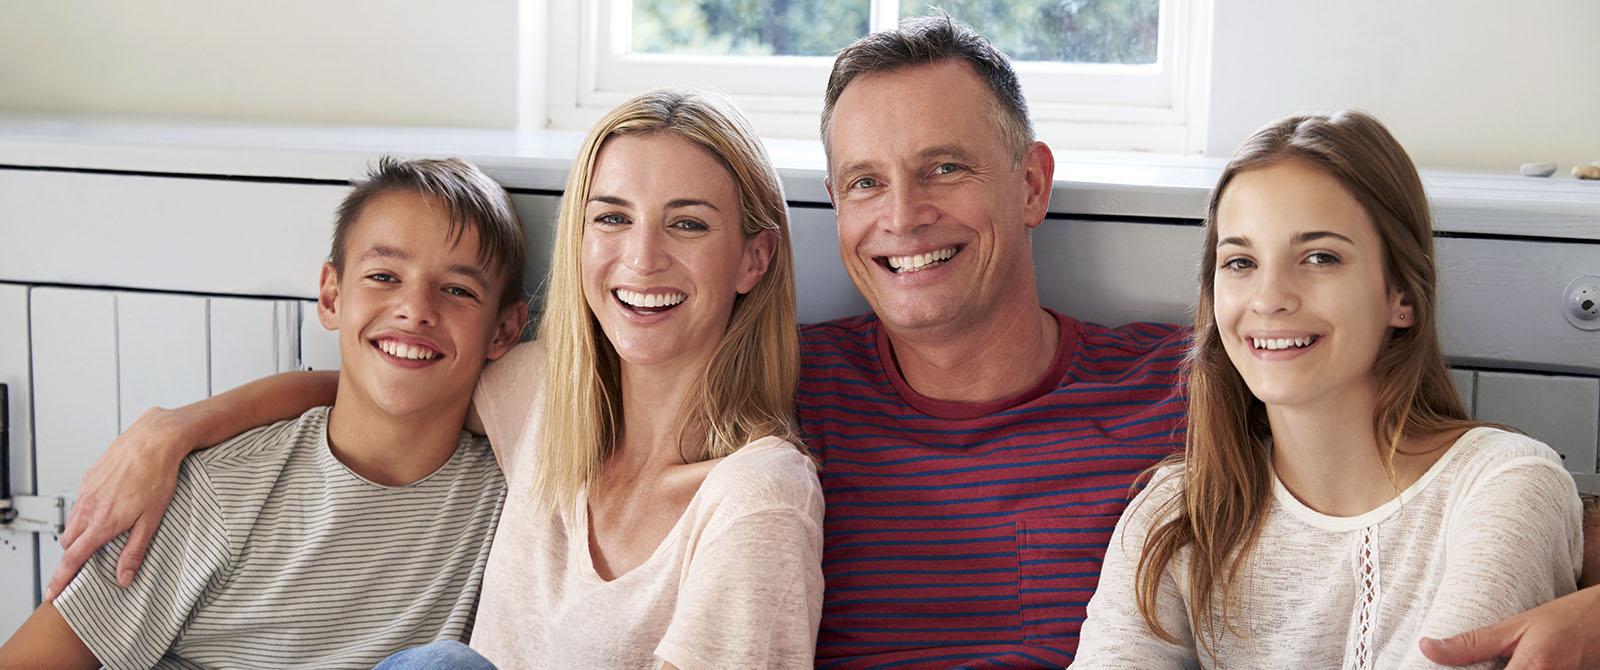 Famiglia felice con bei denti